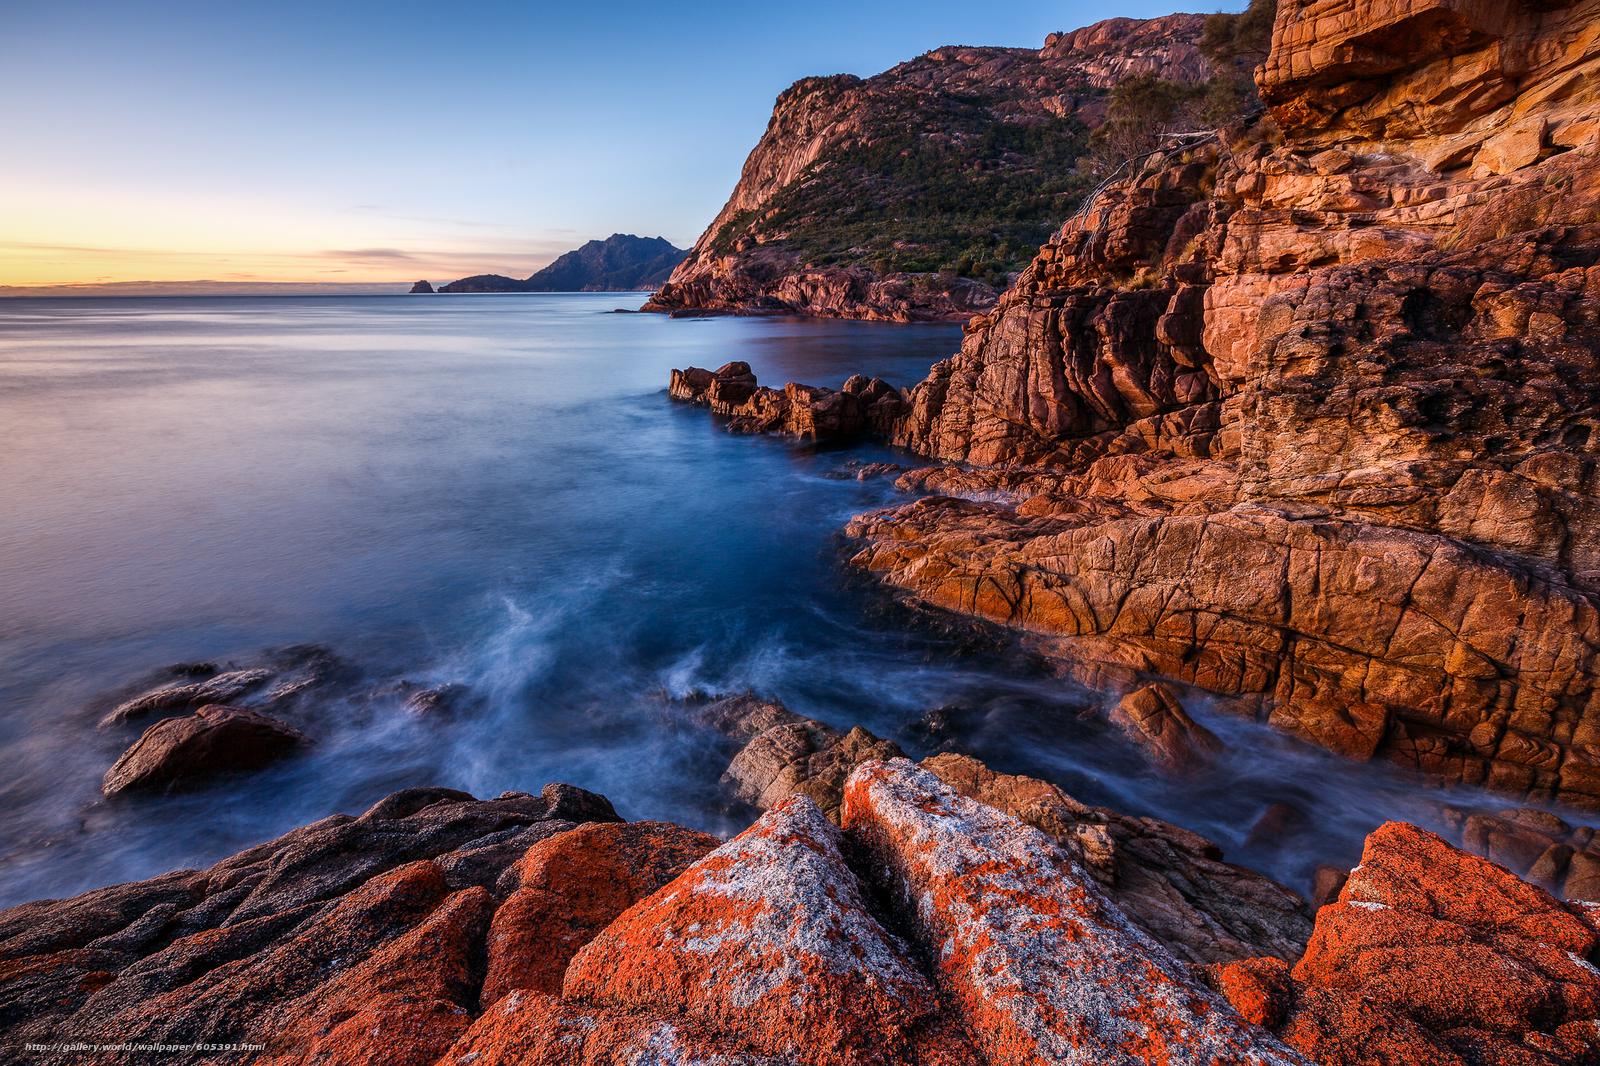 下载壁纸 菲欣纳国家公园,  塔斯马尼亚,  海,  岩石 免费为您的桌面分辨率的壁纸 2048x1365 — 图片 №605391